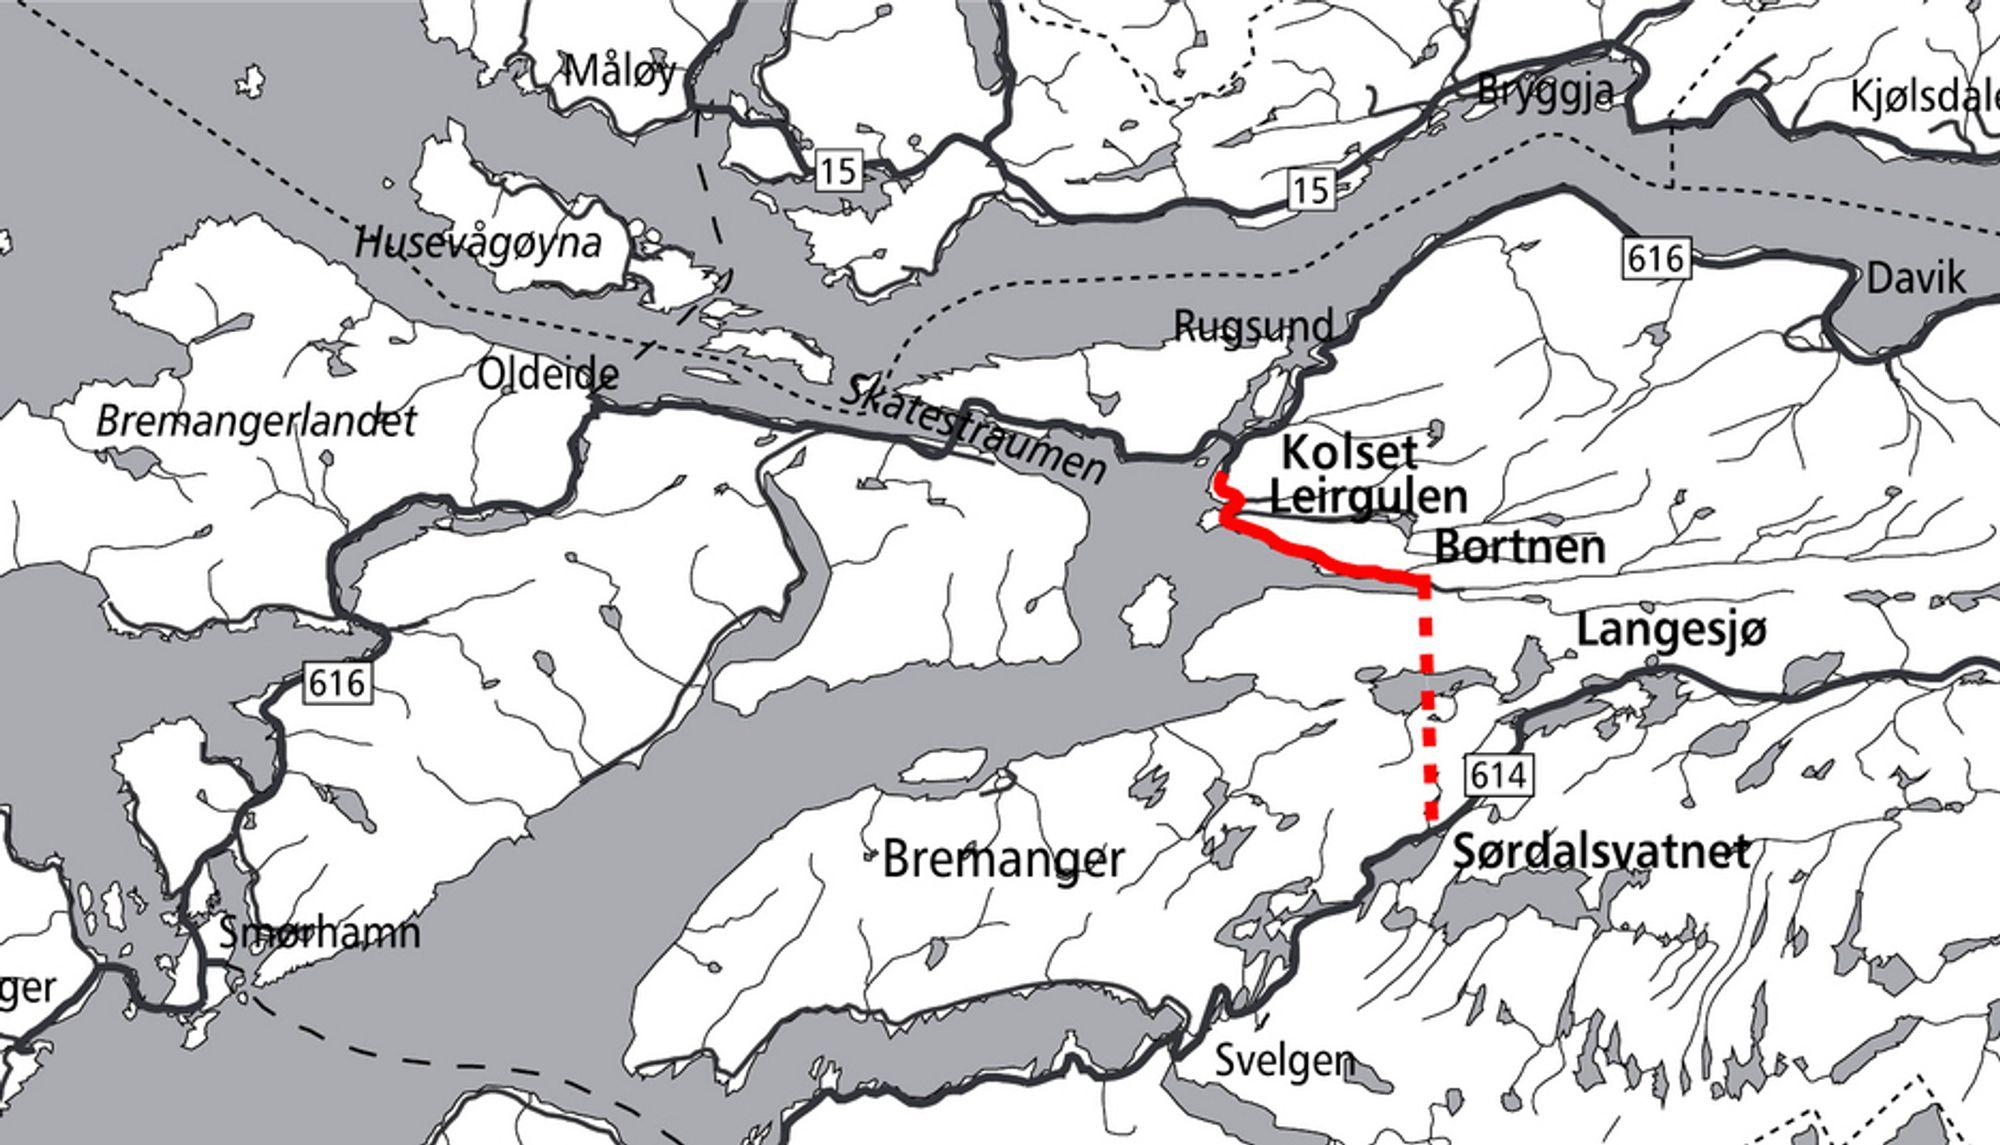 Andre etappe på Brandangersambandet er markert med rødt. Mesta ligger godt an til å få oppdraget